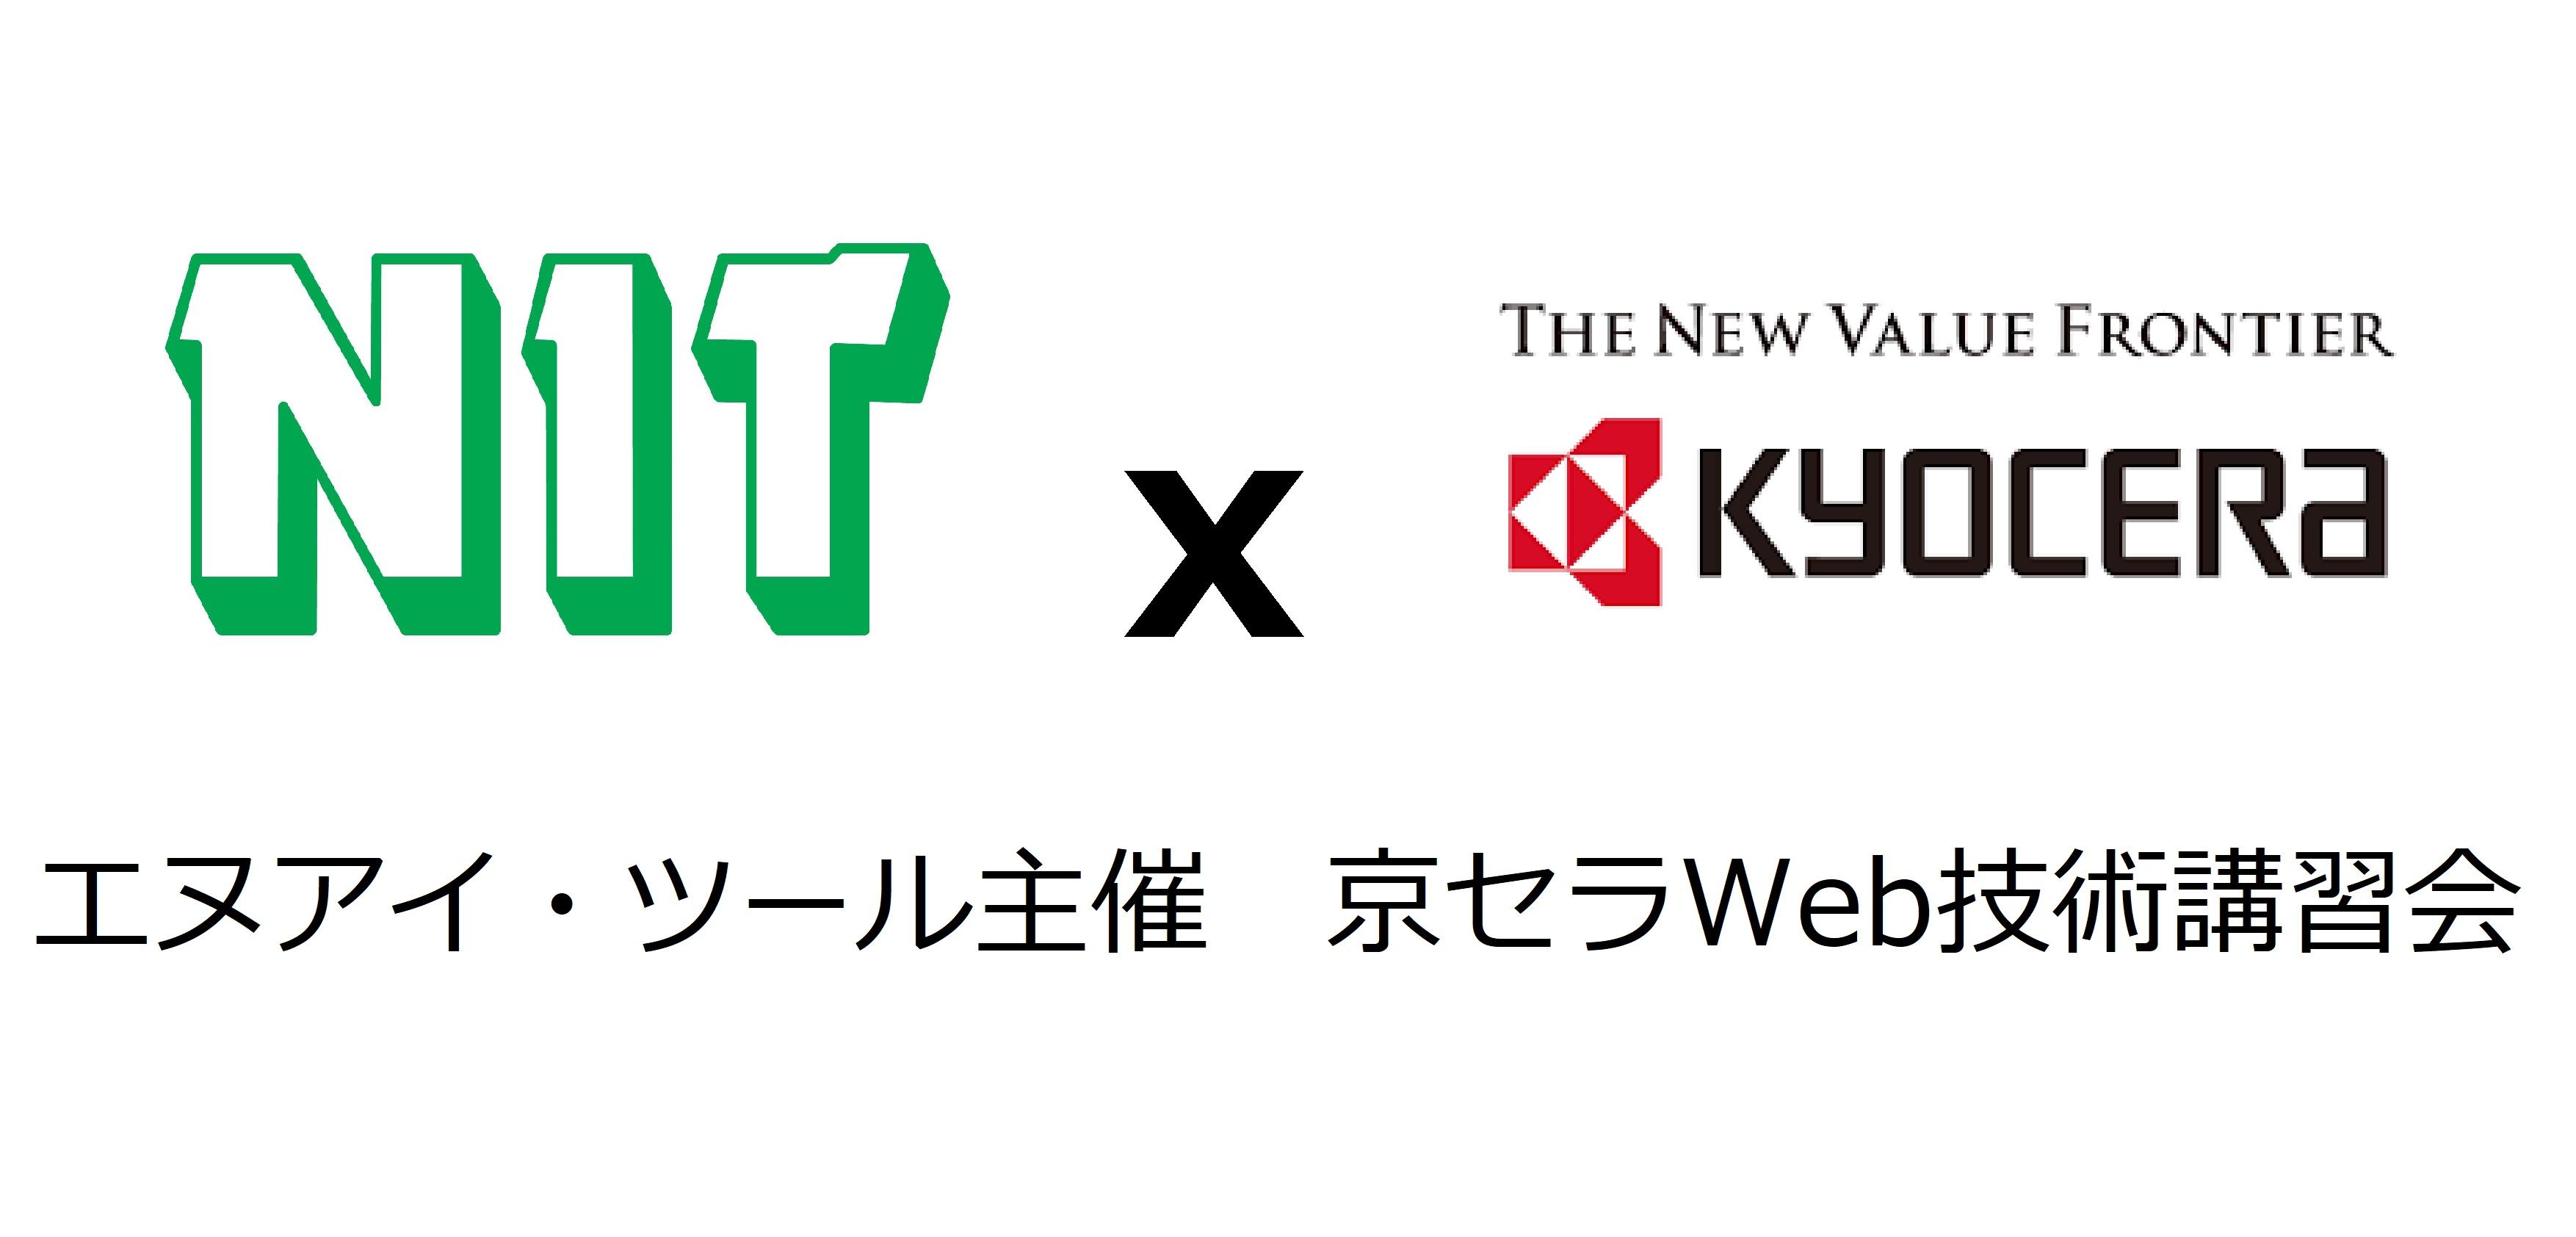 【7月Web開催】エヌアイ・ツール主催 京セラ技術講習会のご案内